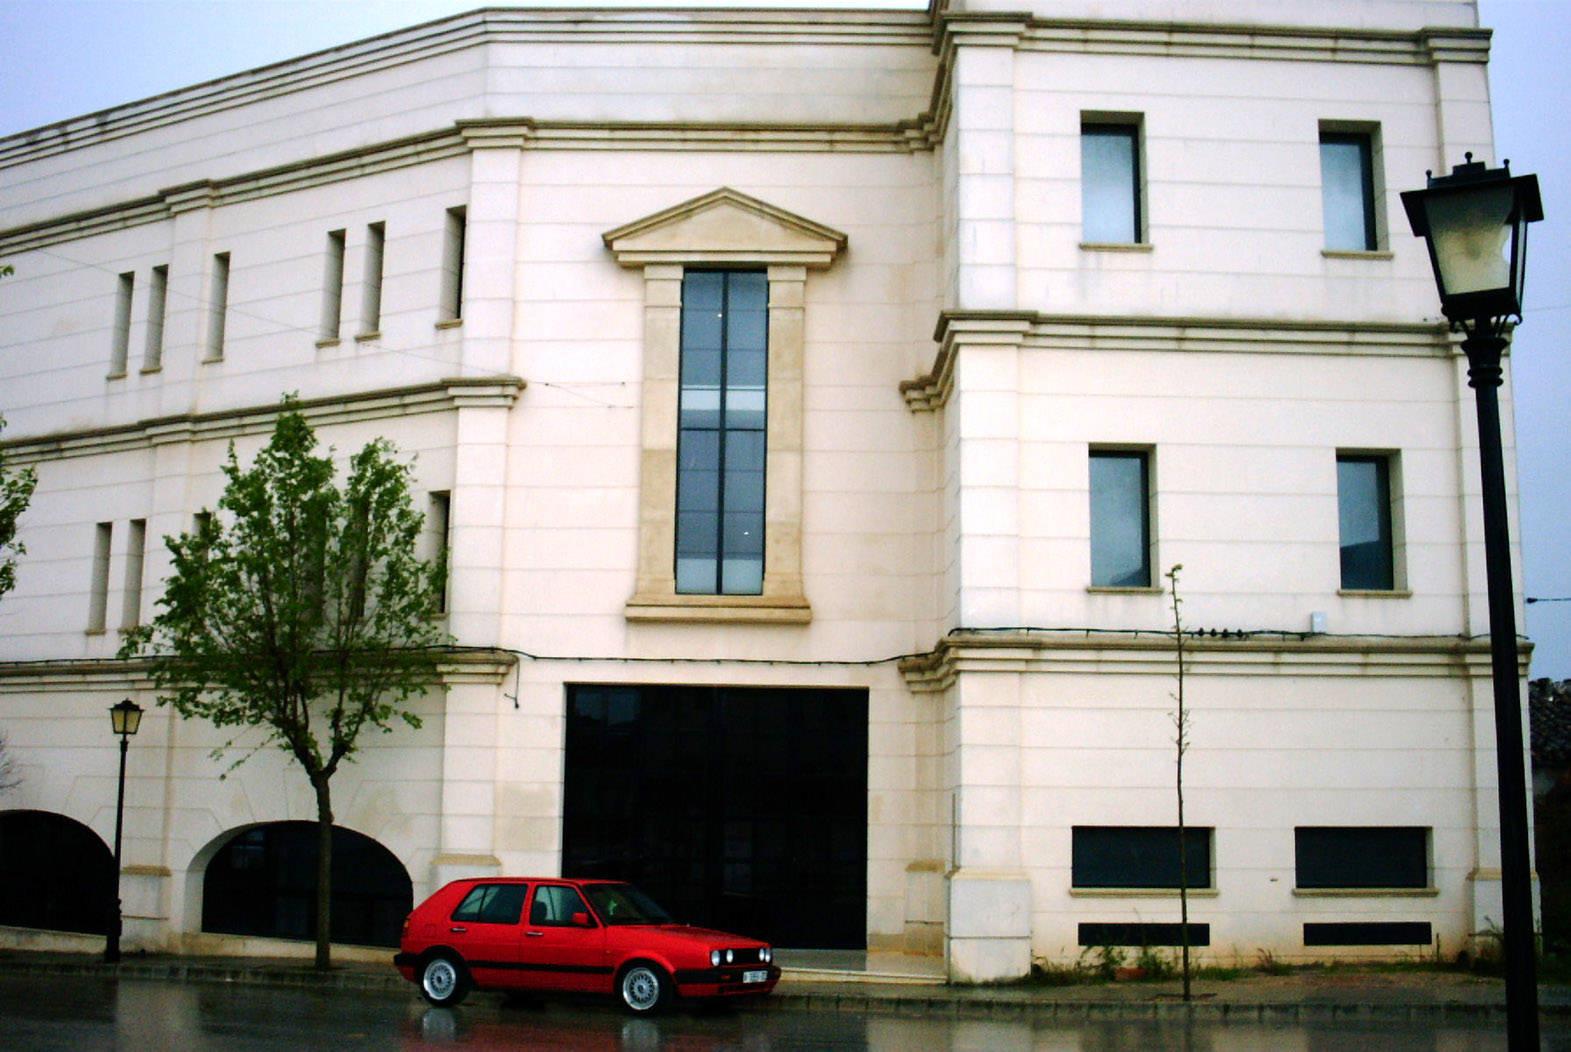 Teatro Auditorio Municipal de el Bonillo